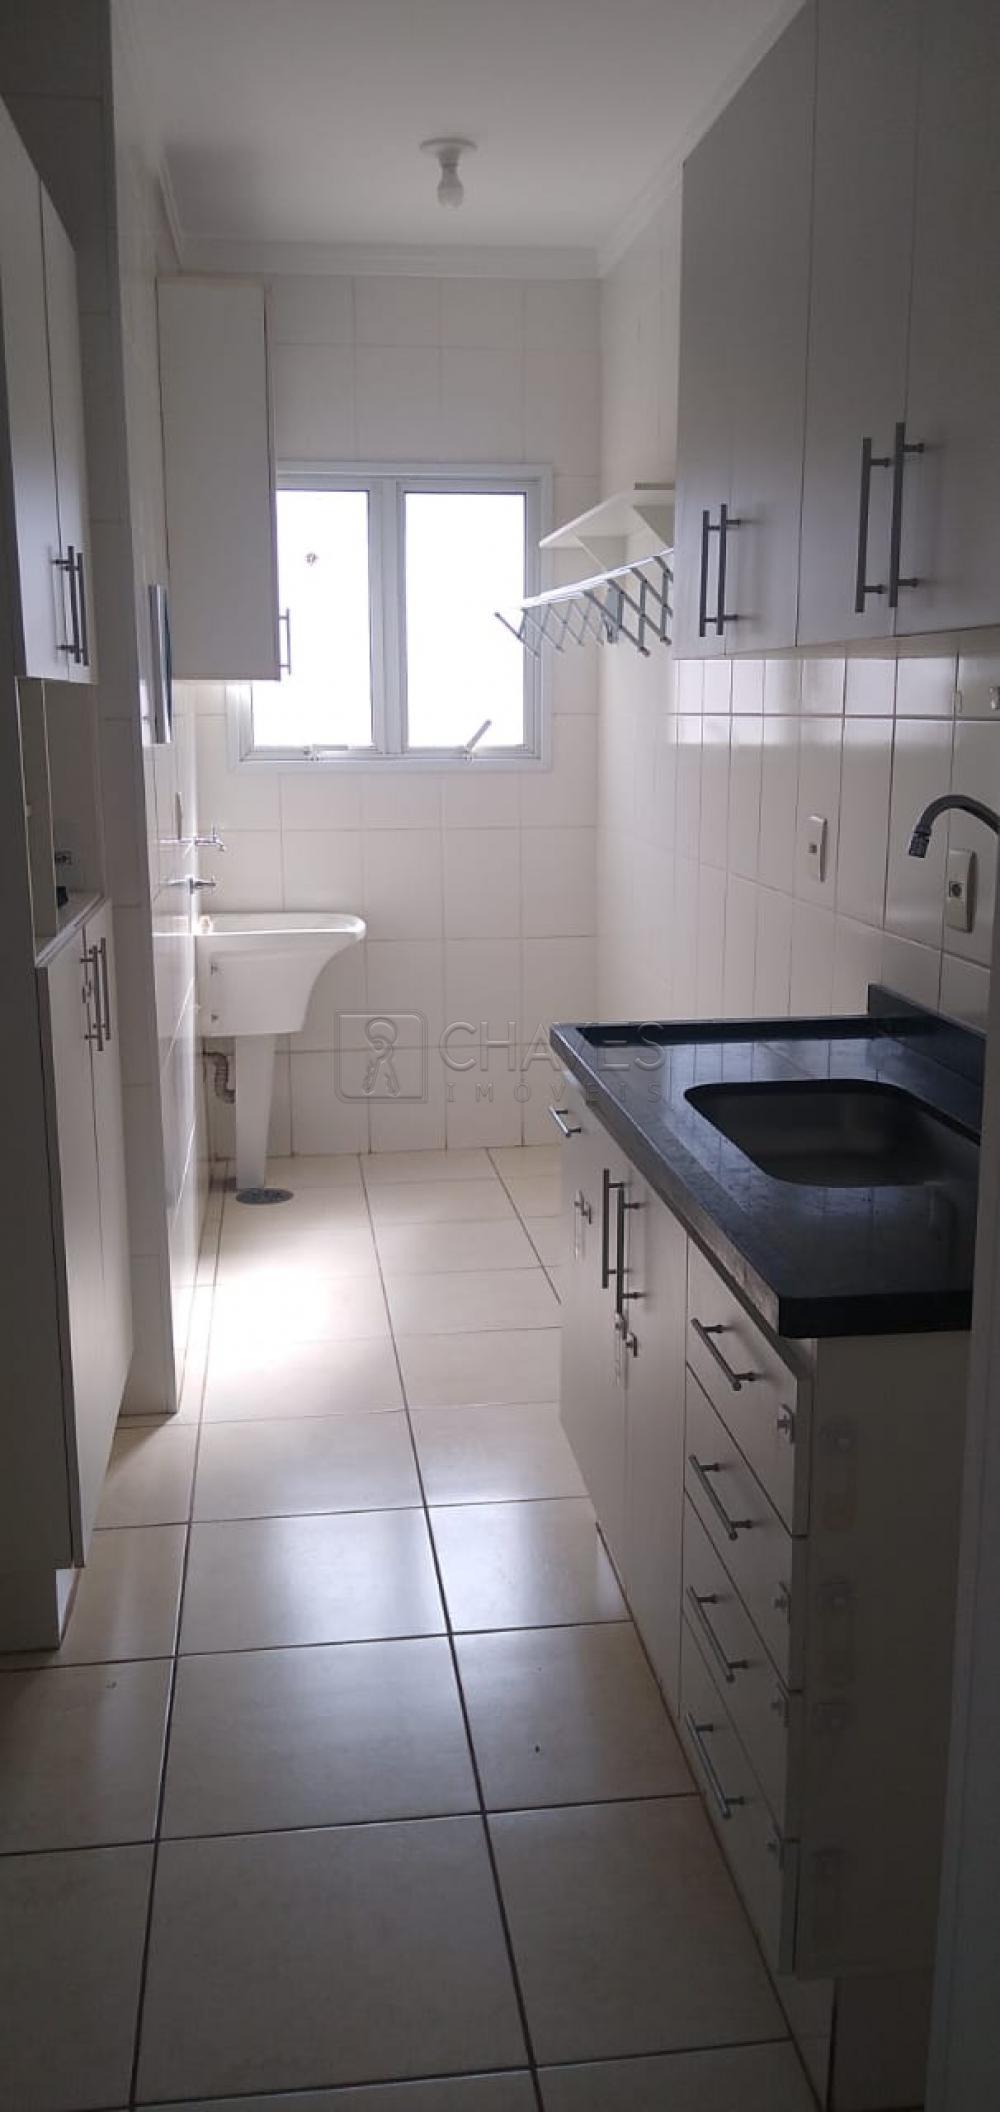 Alugar Apartamento / Padrão em Ribeirão Preto R$ 990,00 - Foto 4